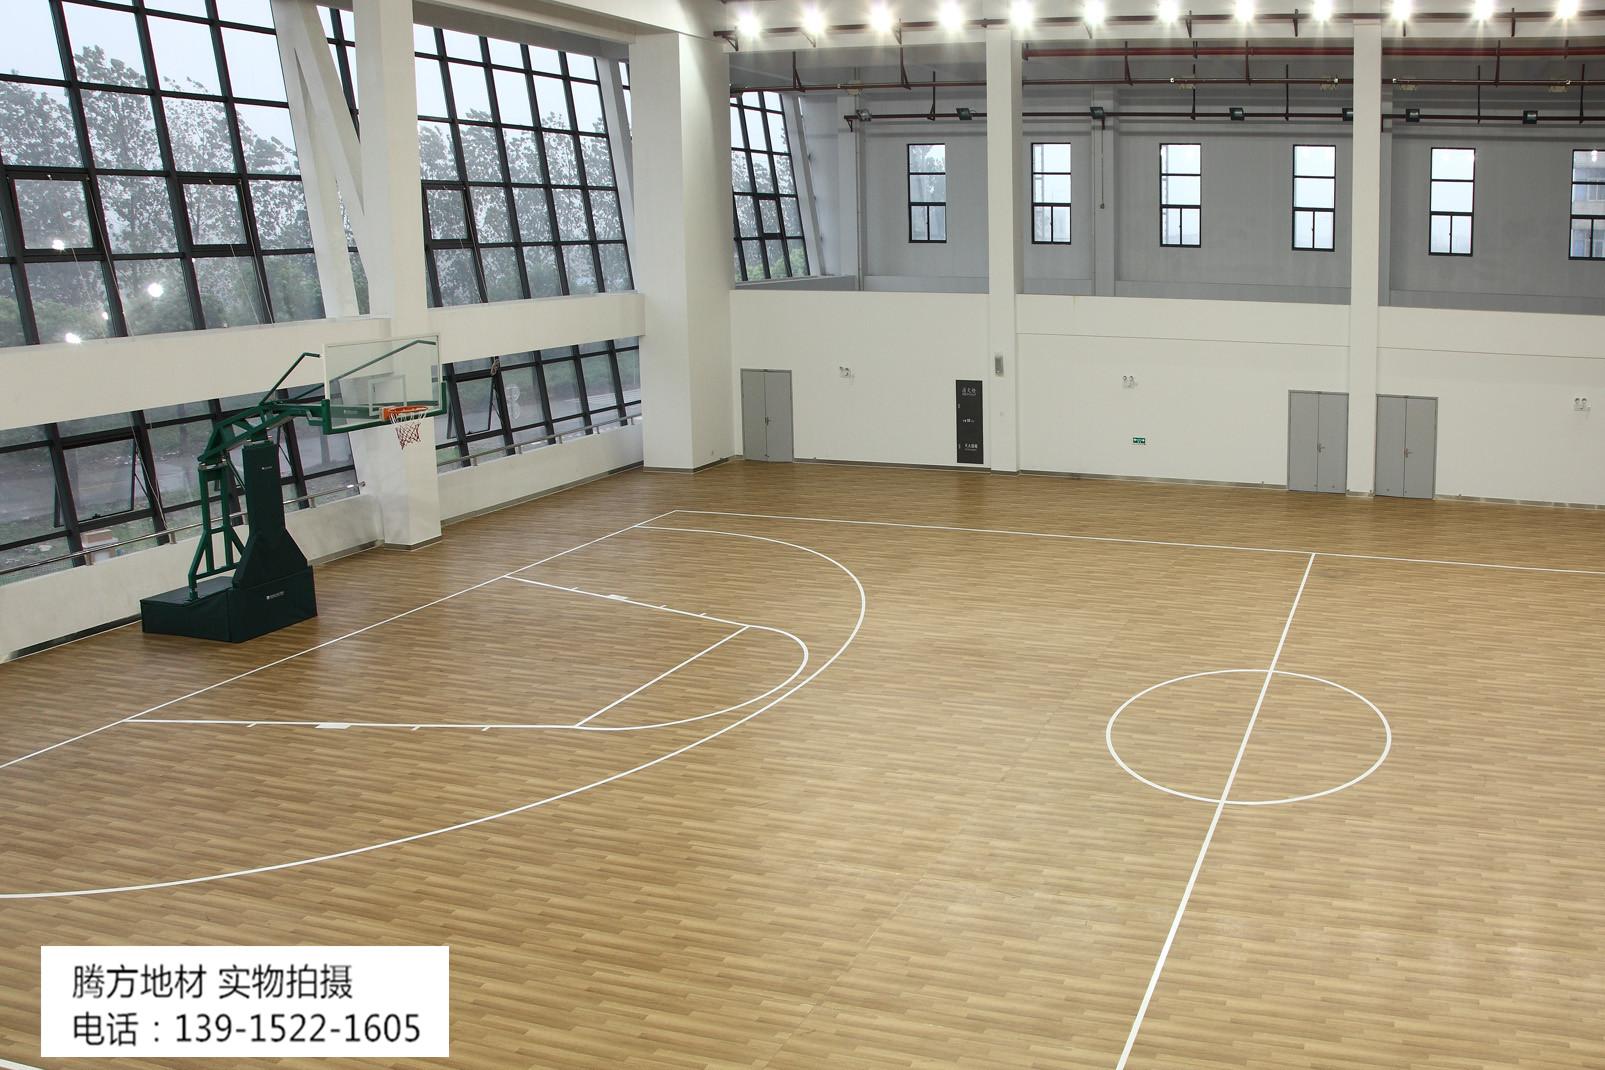 pvc运动地板广泛应用于室内篮球场馆啦